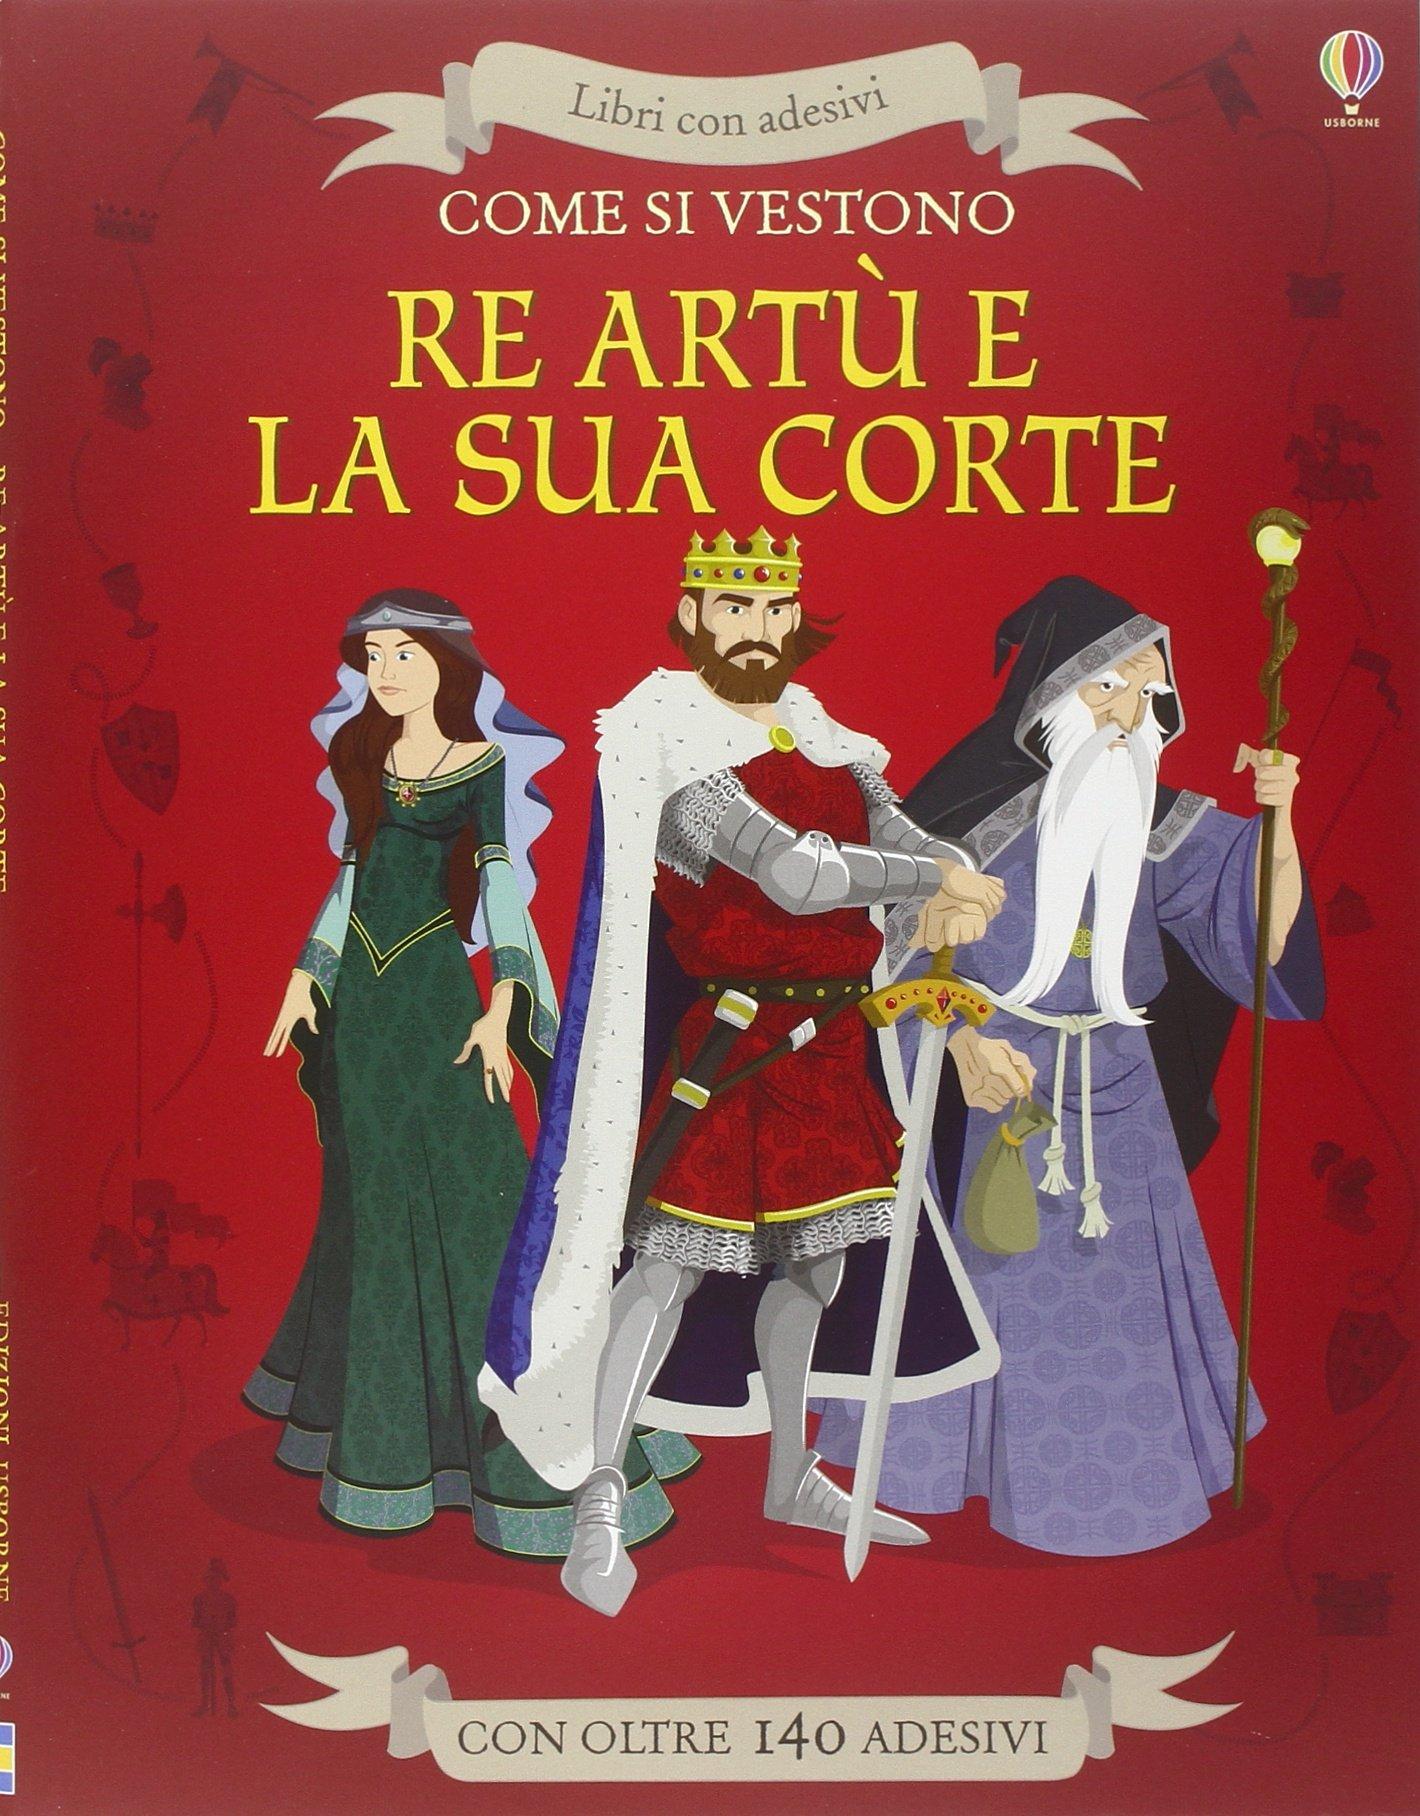 Come si vestono re art e la sua corte www - Re artu ei cavalieri della tavola rotonda libro ...